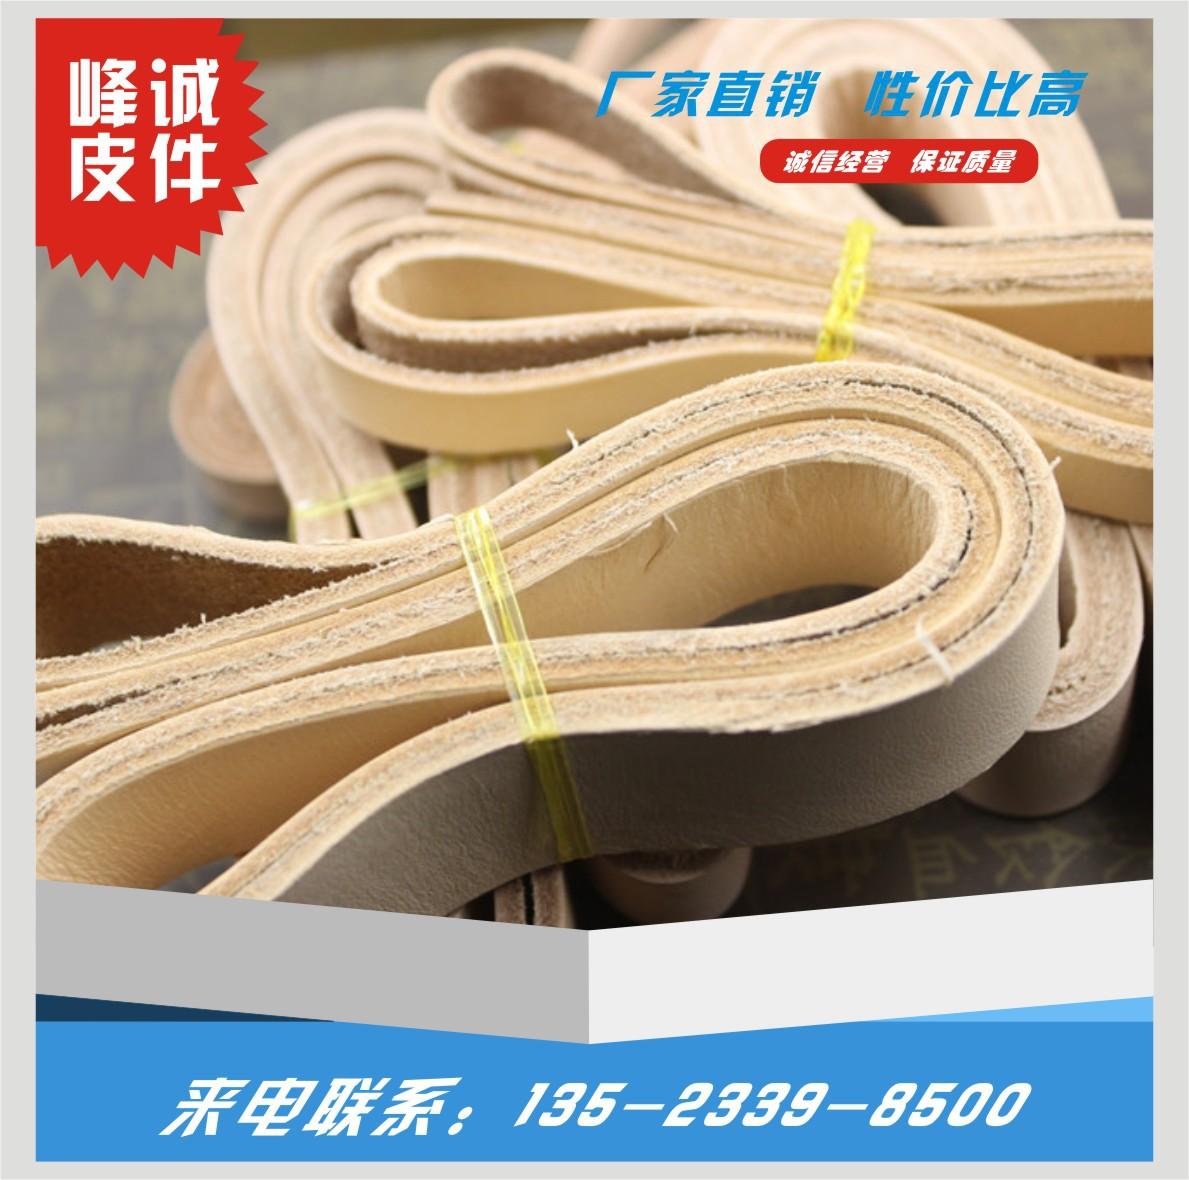 厂家批发真皮牛皮条订做多规格15202530MM 扁皮条本色牛皮绳